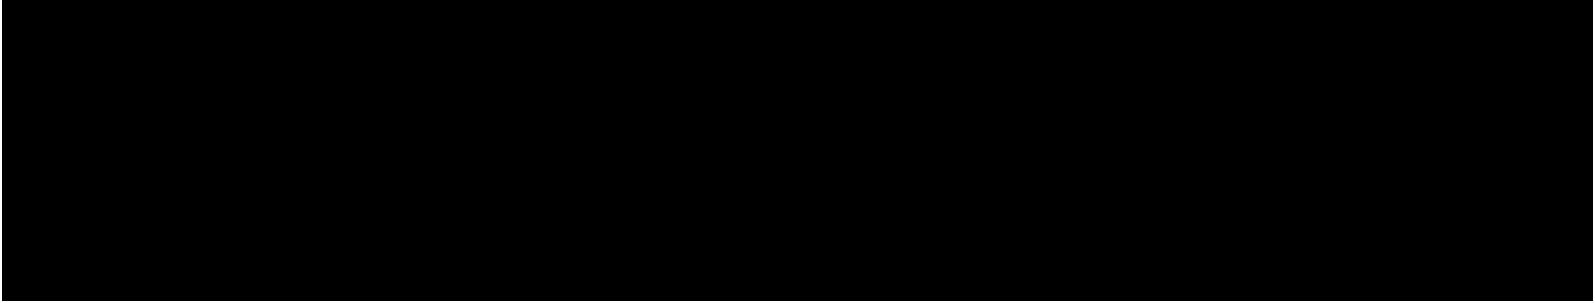 Lilium GmbH